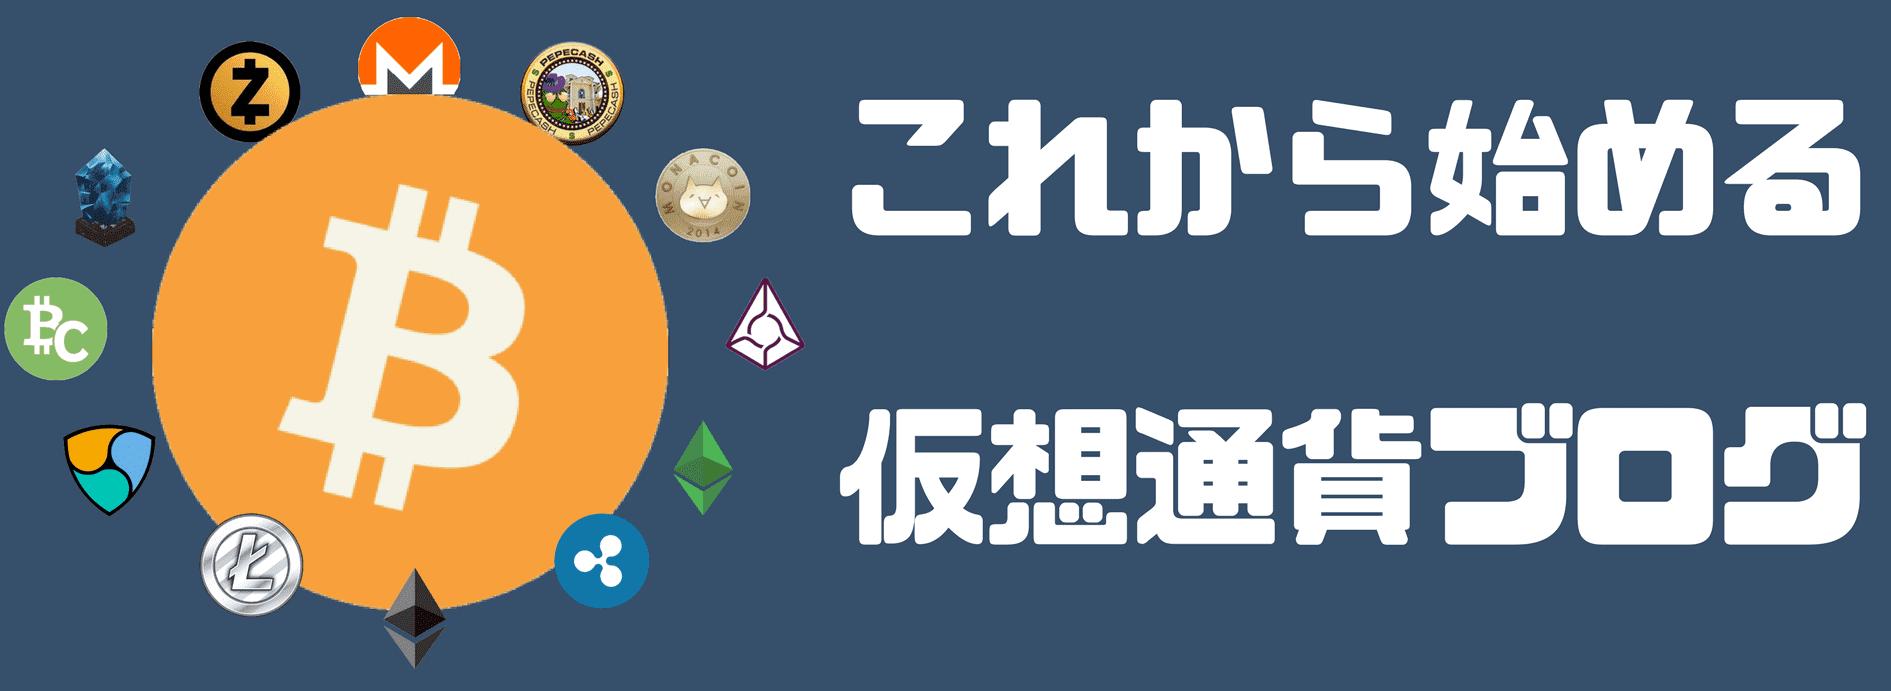 これから始める仮想通貨ブログ